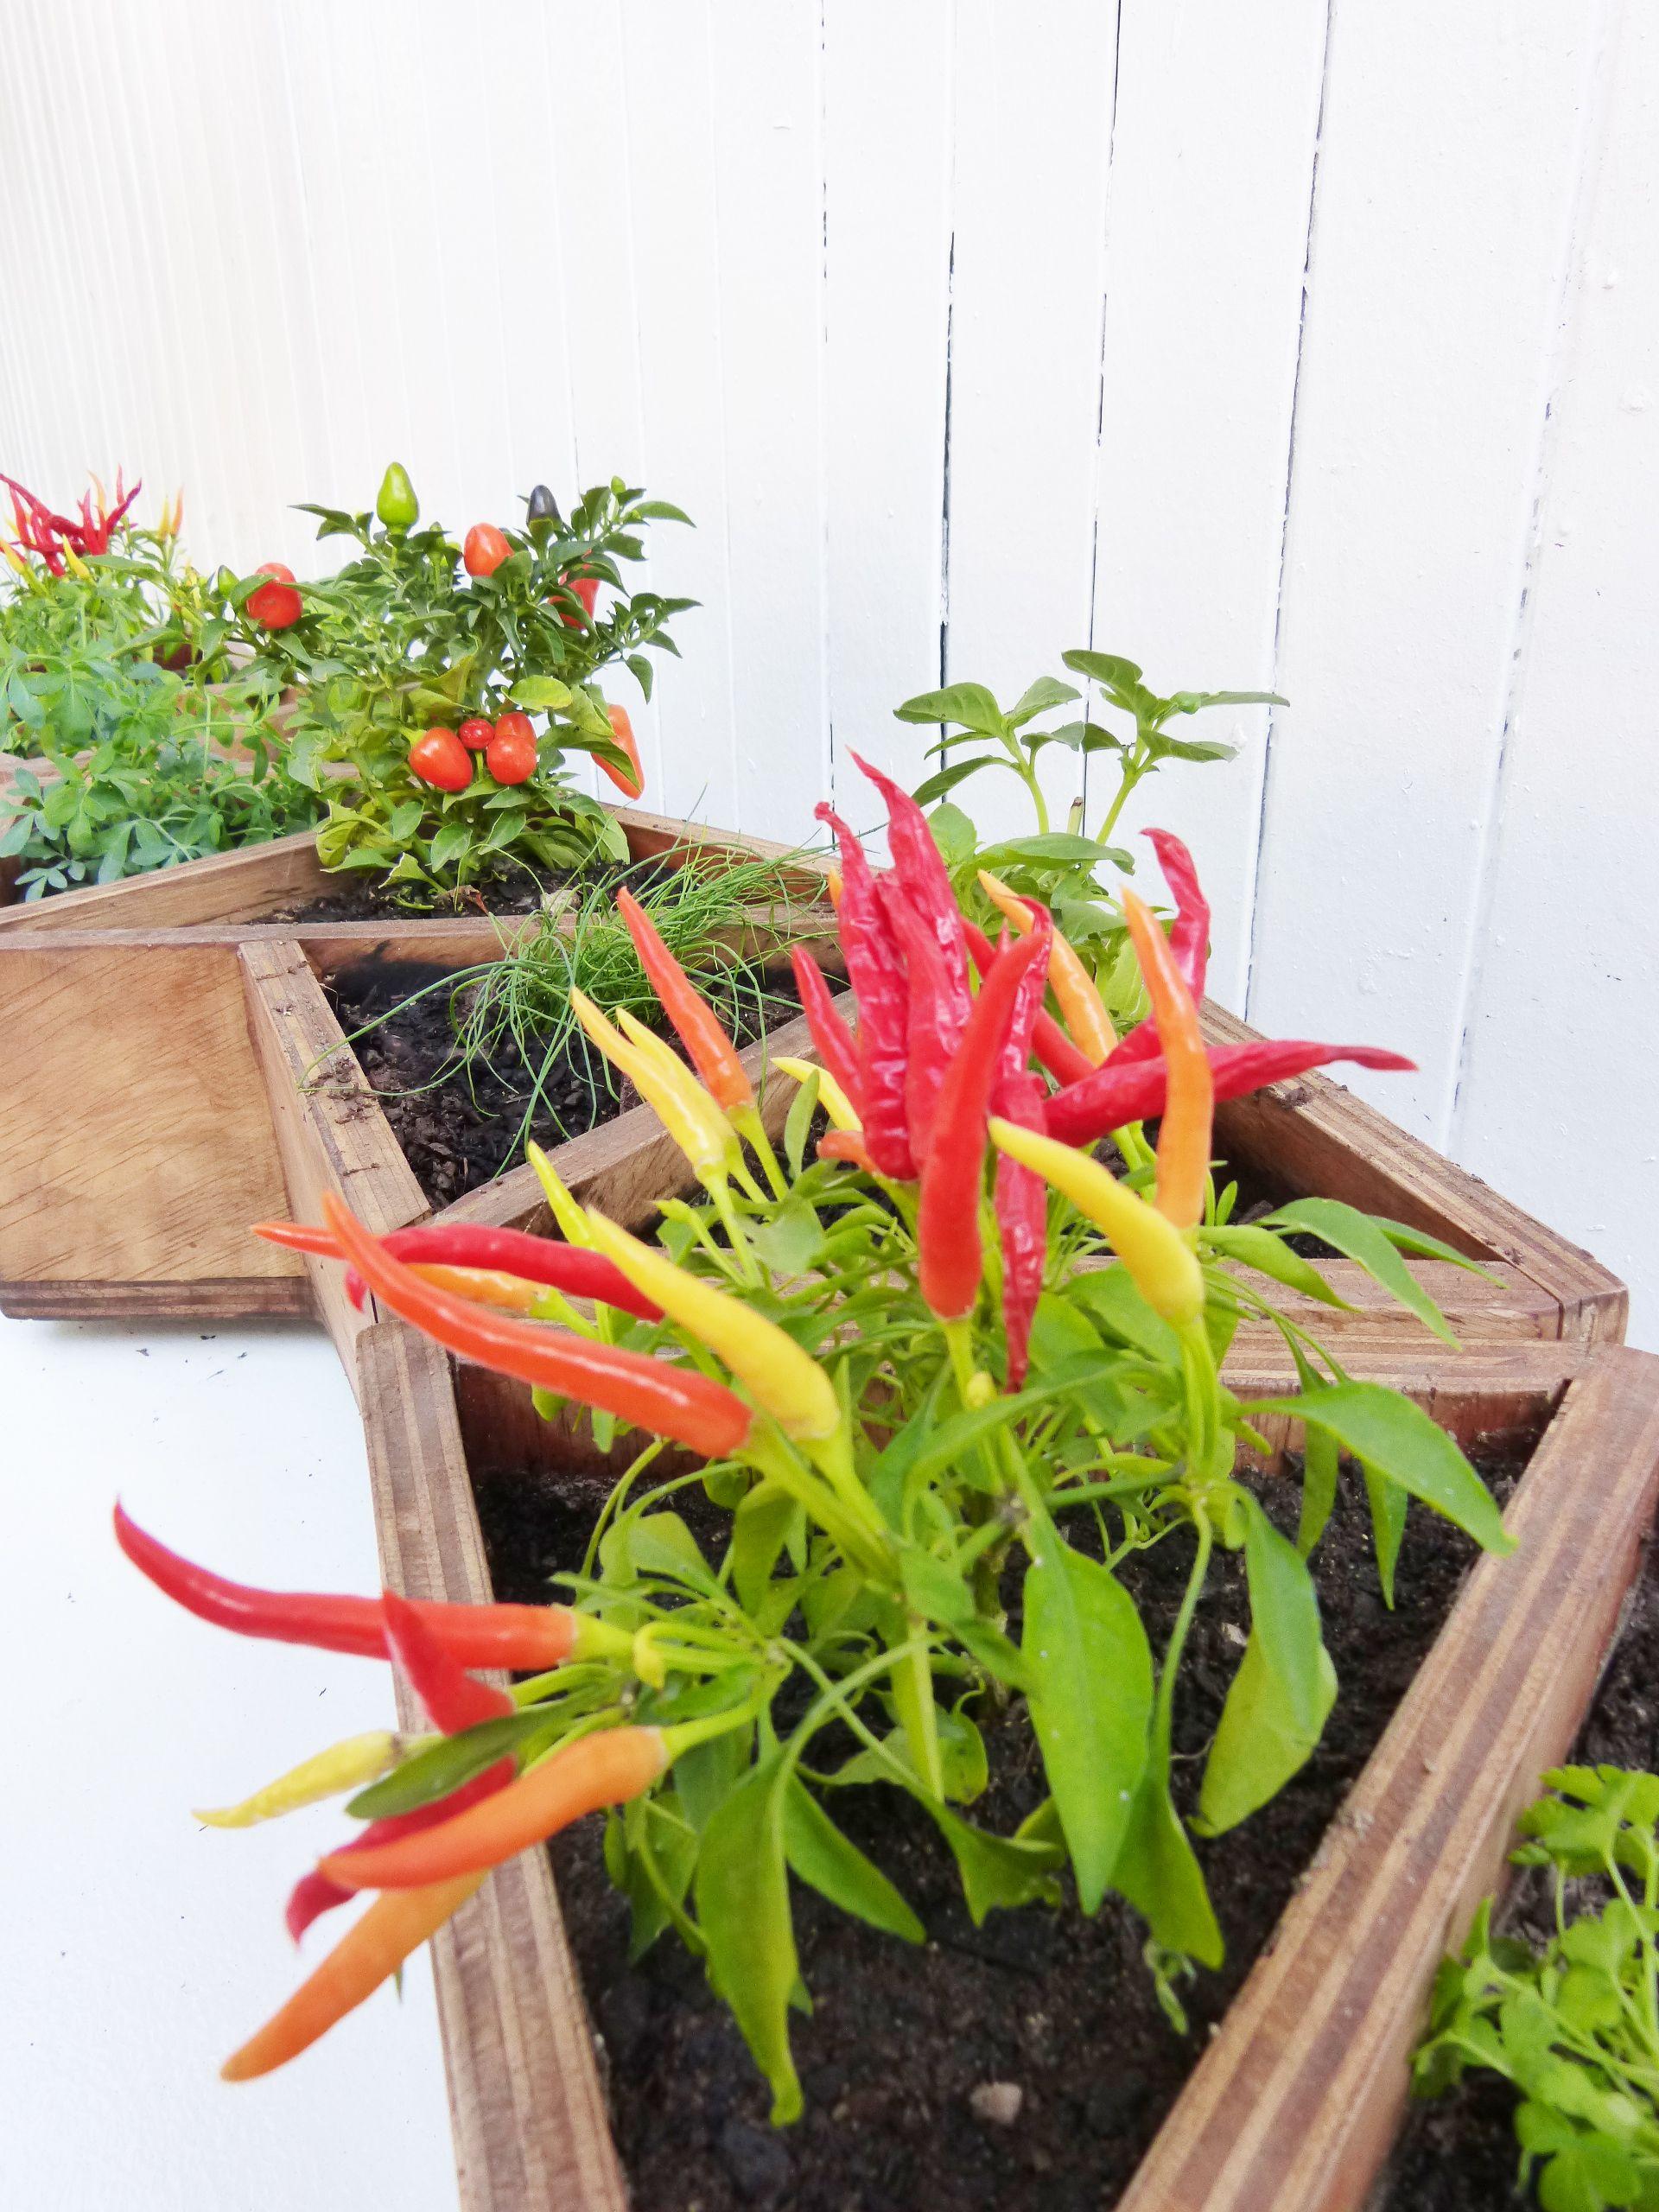 Huerto Robinson Muebles De Madera Y Proyectos Especiales  # Muebles Cultivados